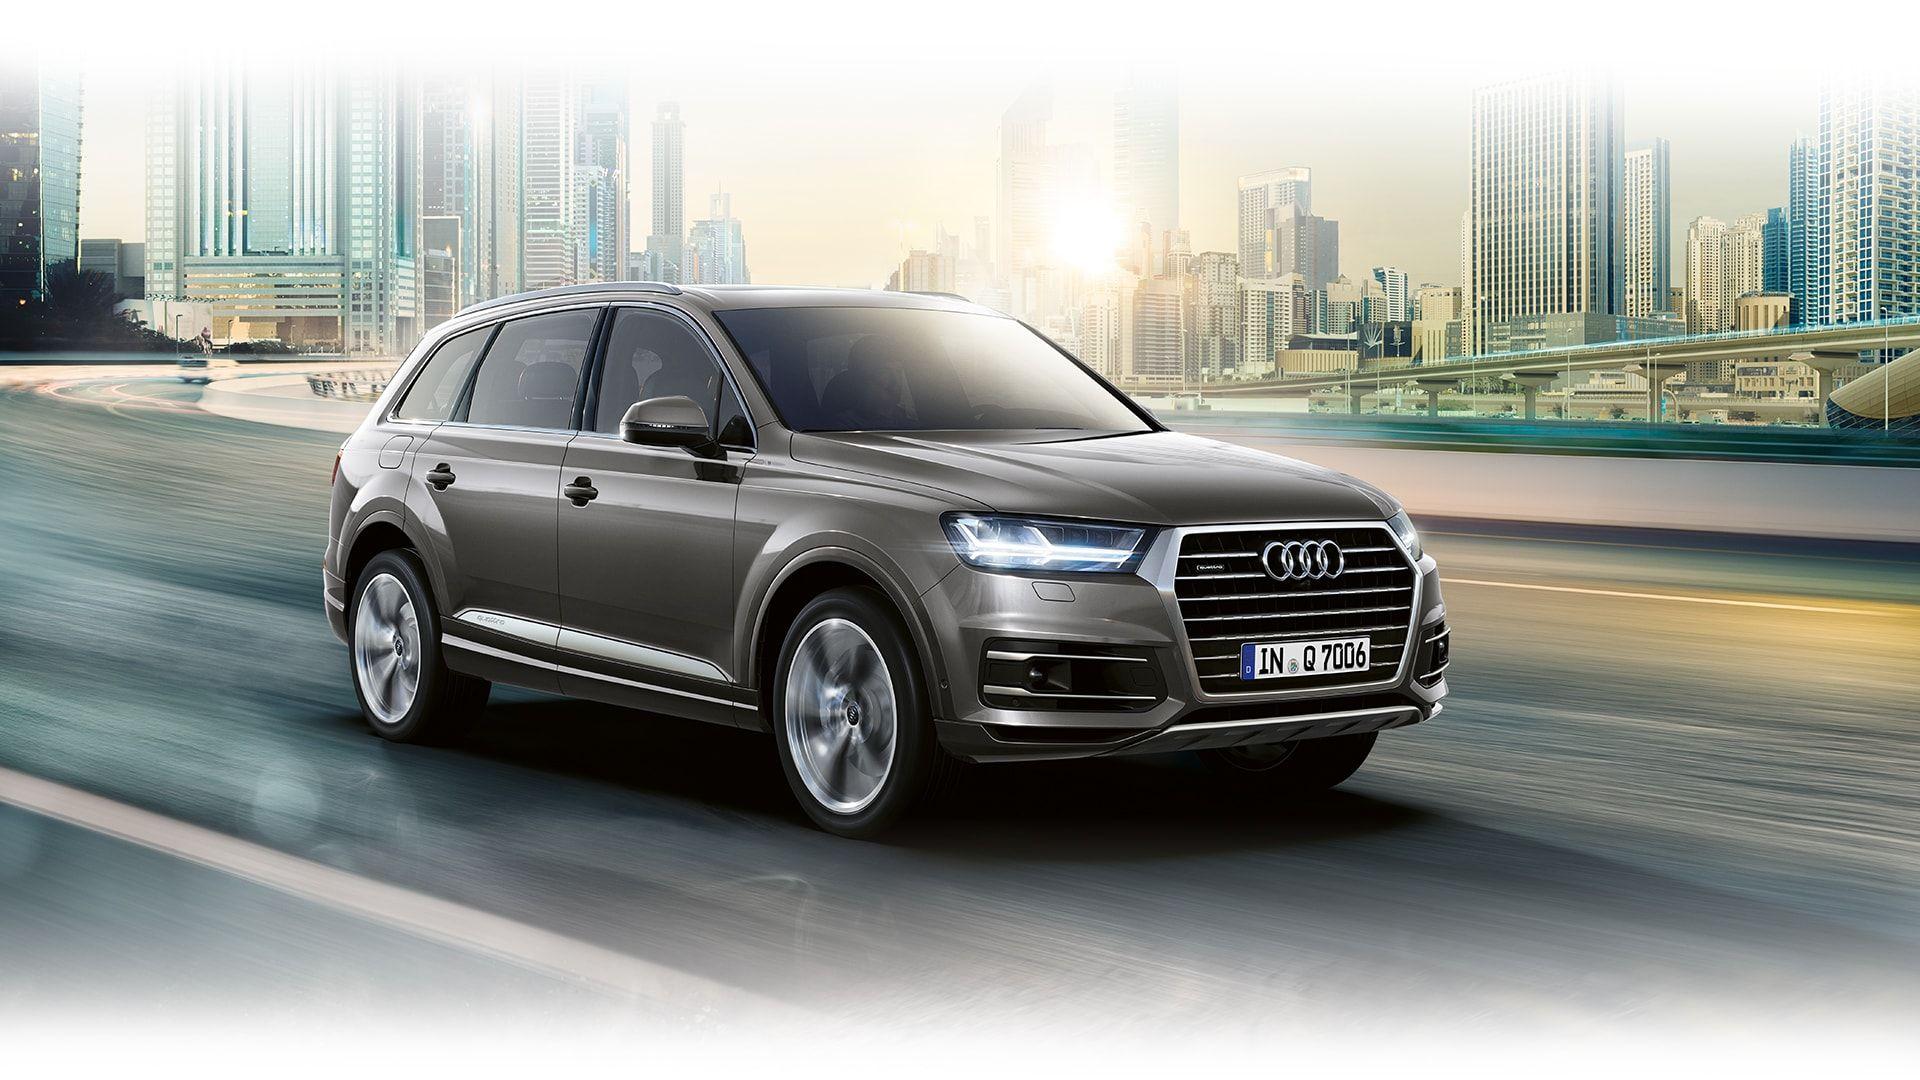 2019 Audi Q7 Specs Photos Prices Latest Models Audi Canada Audi Q7 Audi